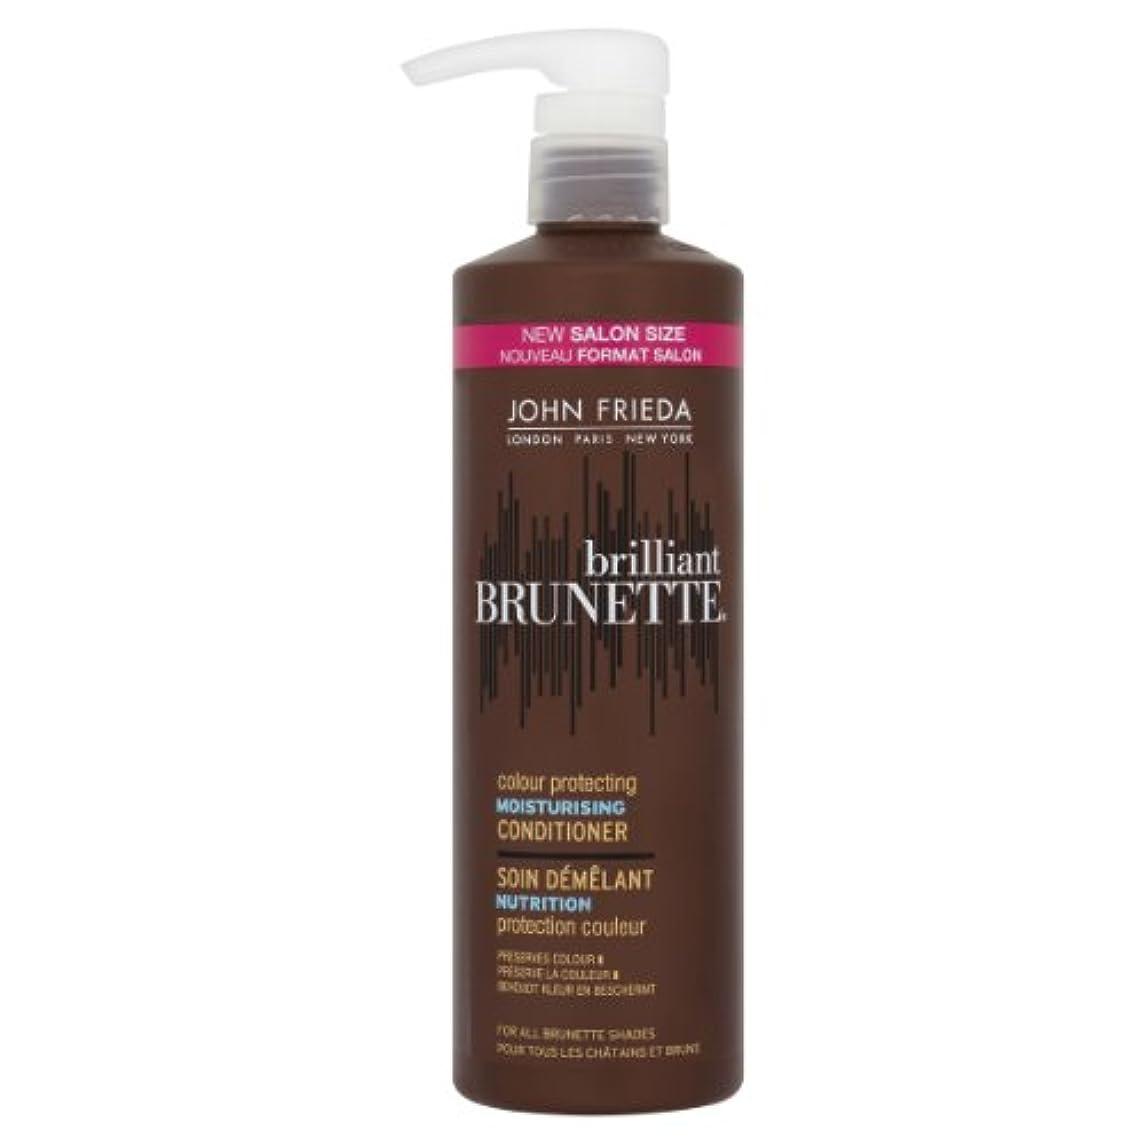 化学者取るうねるJohn Frieda Brilliant Brunette Colour Protecting Moisturising Conditioner 500ml